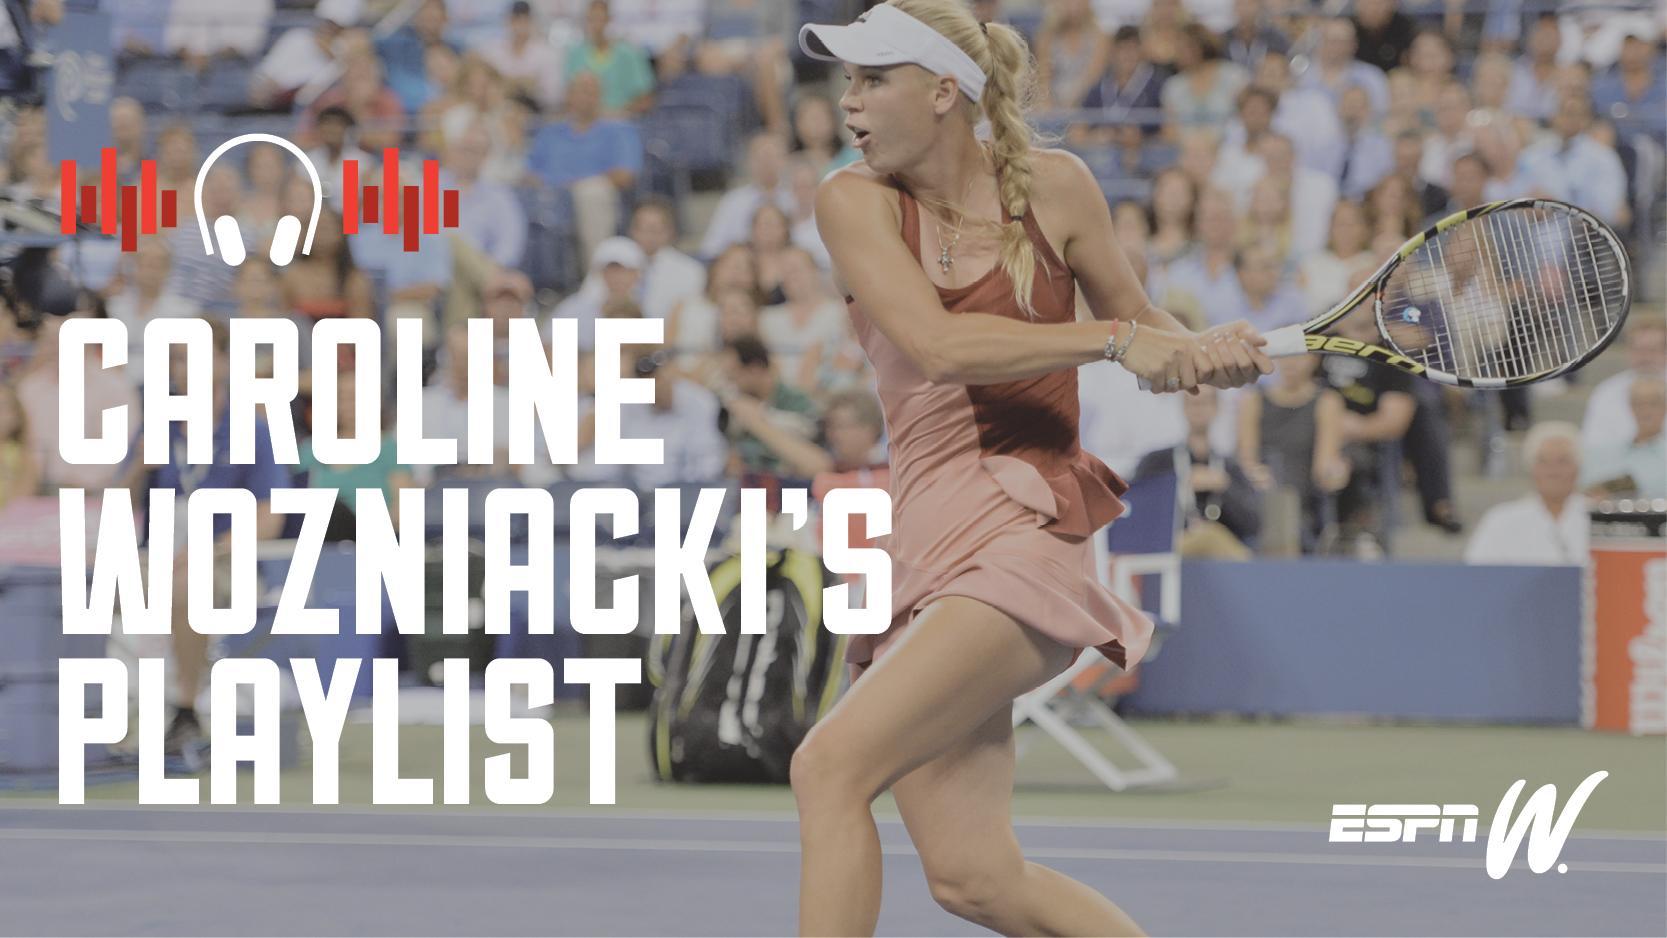 espnW Spotify Playlist - Caroline Wozniacki's